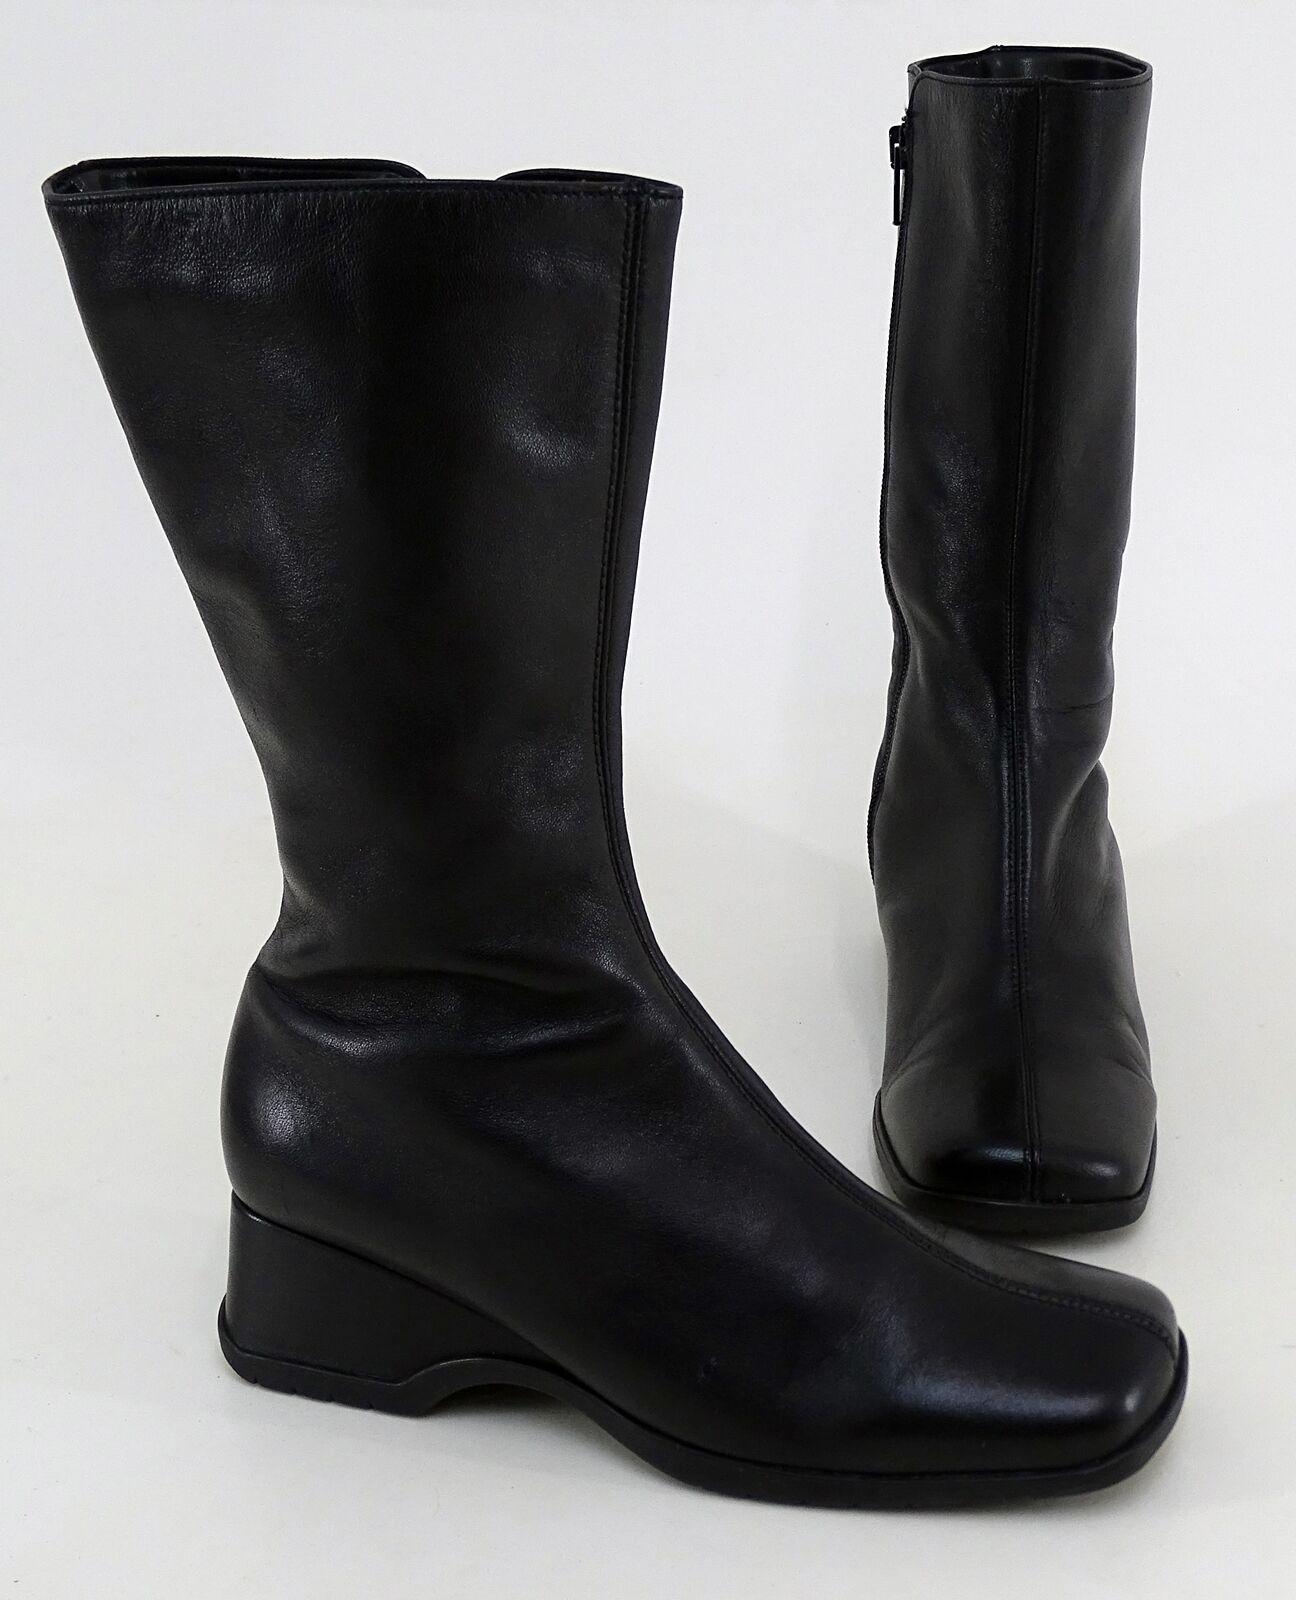 Stiefel Gabor Reißverschluss Keilabsatz Echtleder schwarz Gr. 37 4 = 37 Gr. a8d8db